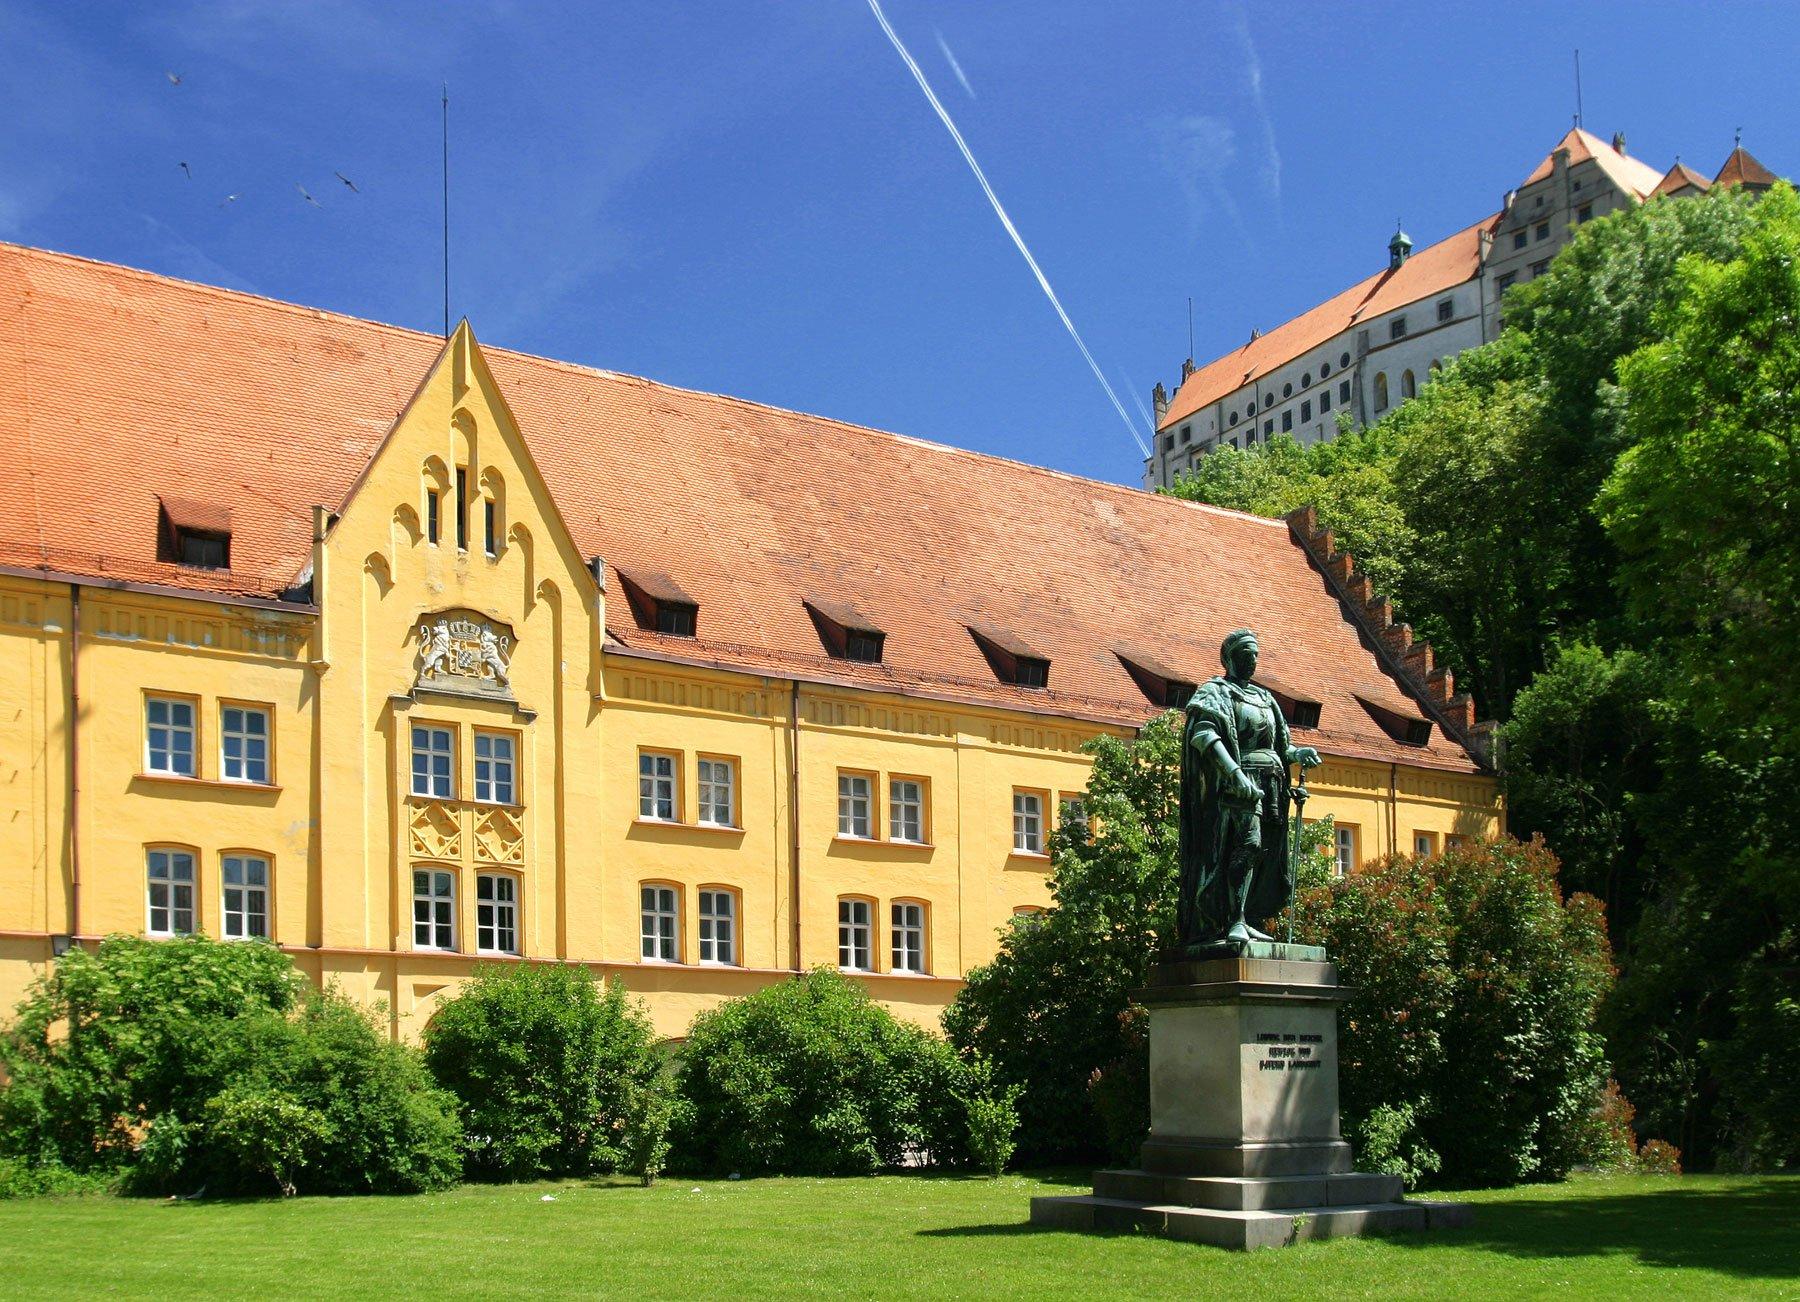 Herzogskasten Landshut